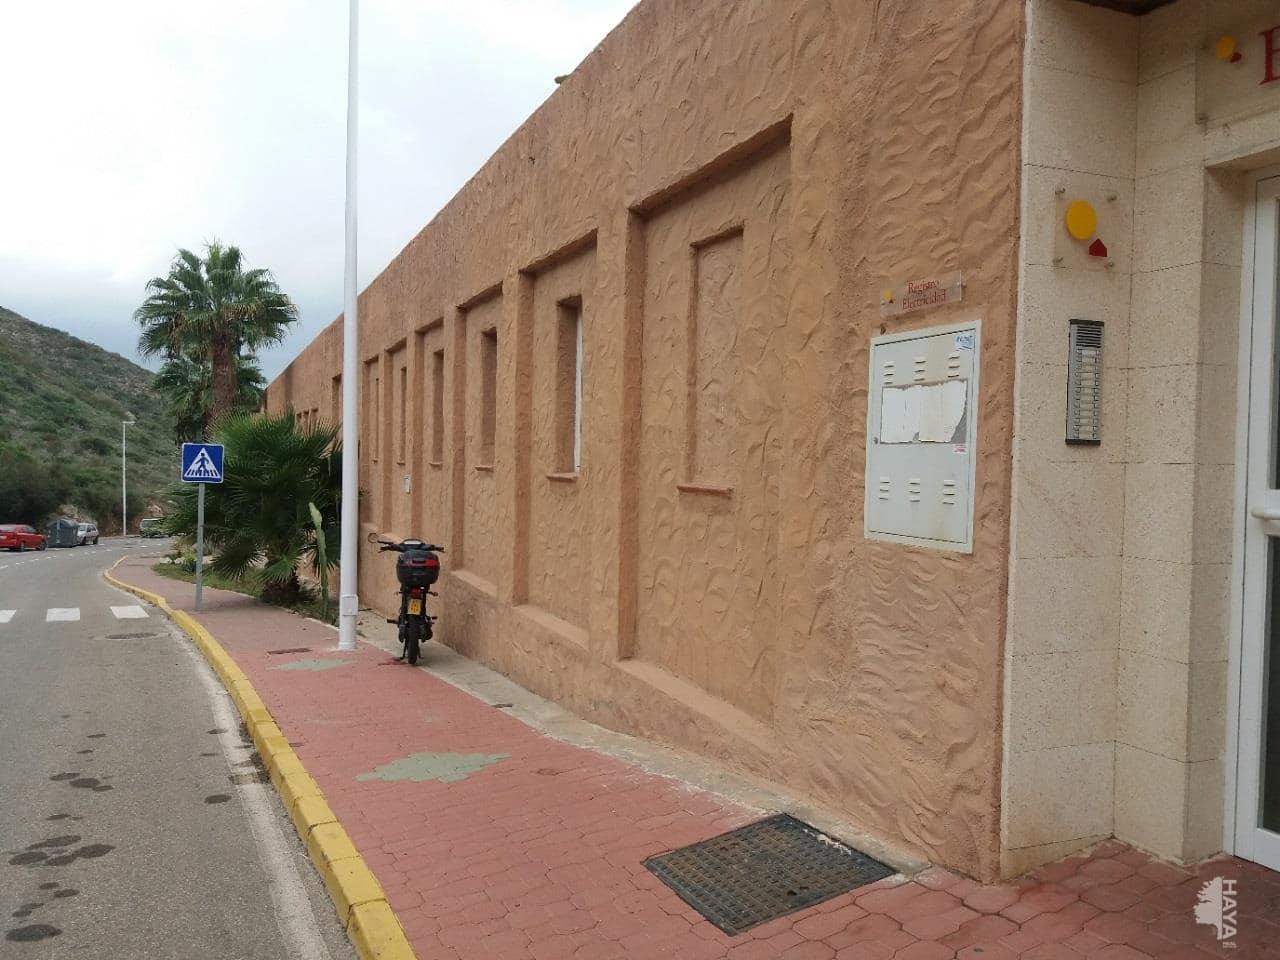 Casa en venta en Mojácar Playa, Mojácar, Almería, Calle Finisterre, 92.183 €, 2 habitaciones, 1 baño, 49 m2